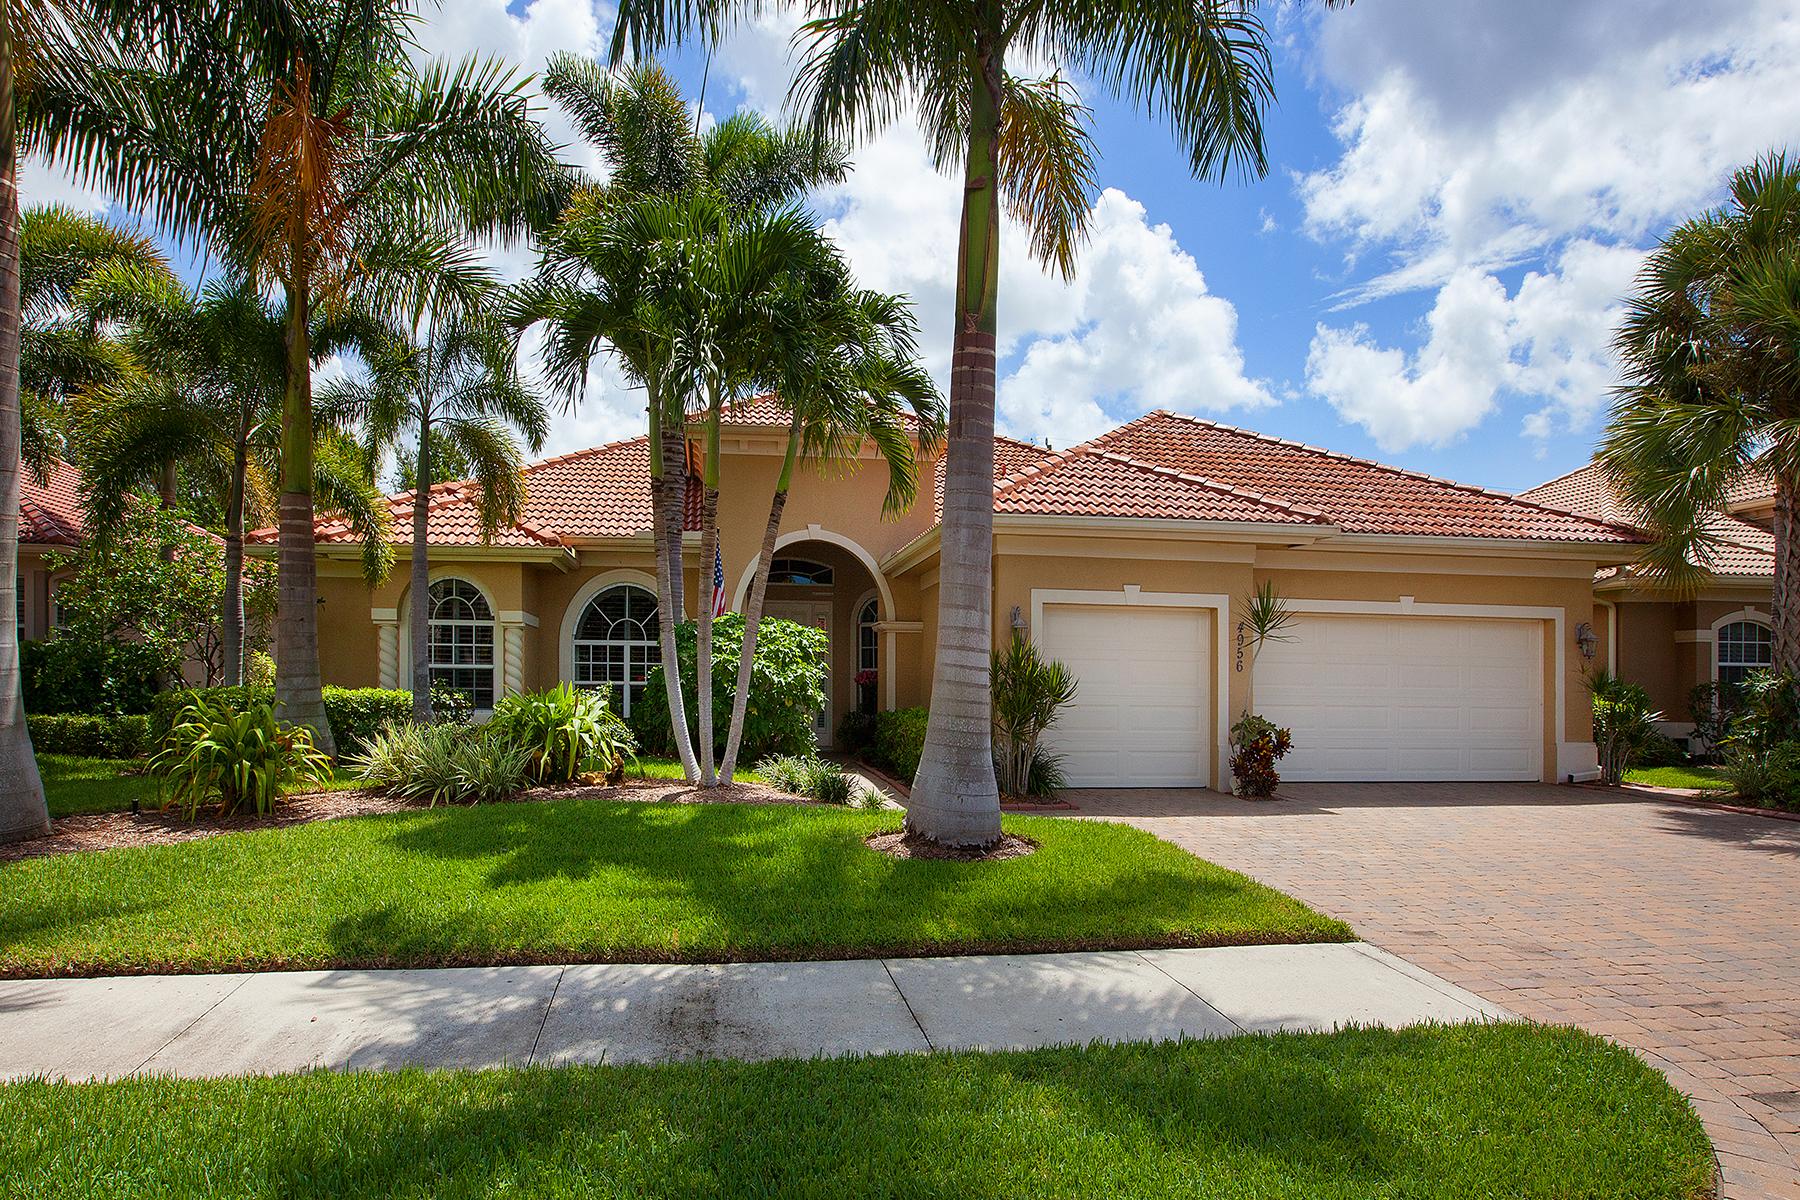 Villa per Vendita alle ore 4956 Rustic Oaks Cir , Naples, FL 34105 4956 Rustic Oaks Cir Naples, Florida 34105 Stati Uniti